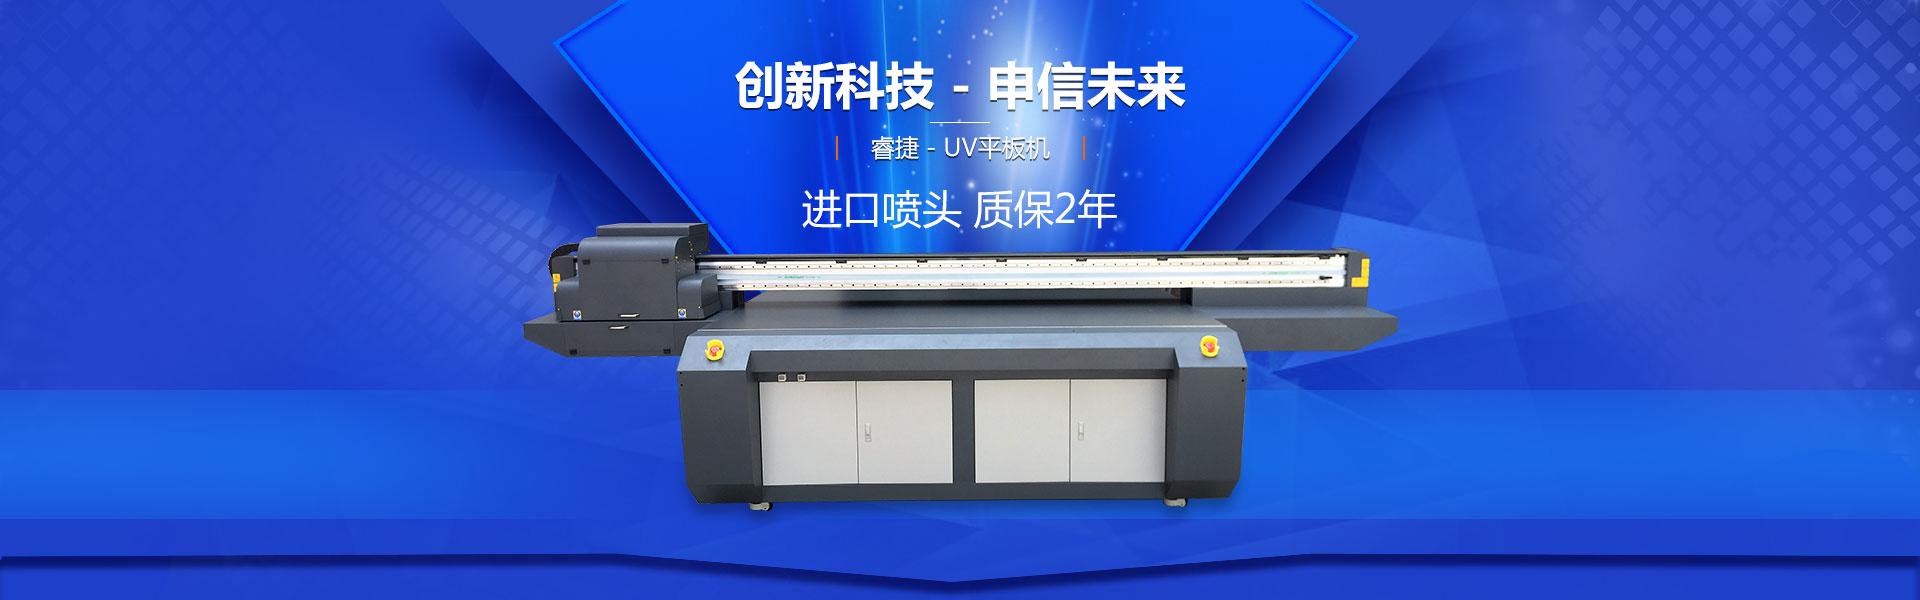 重庆UV平板机